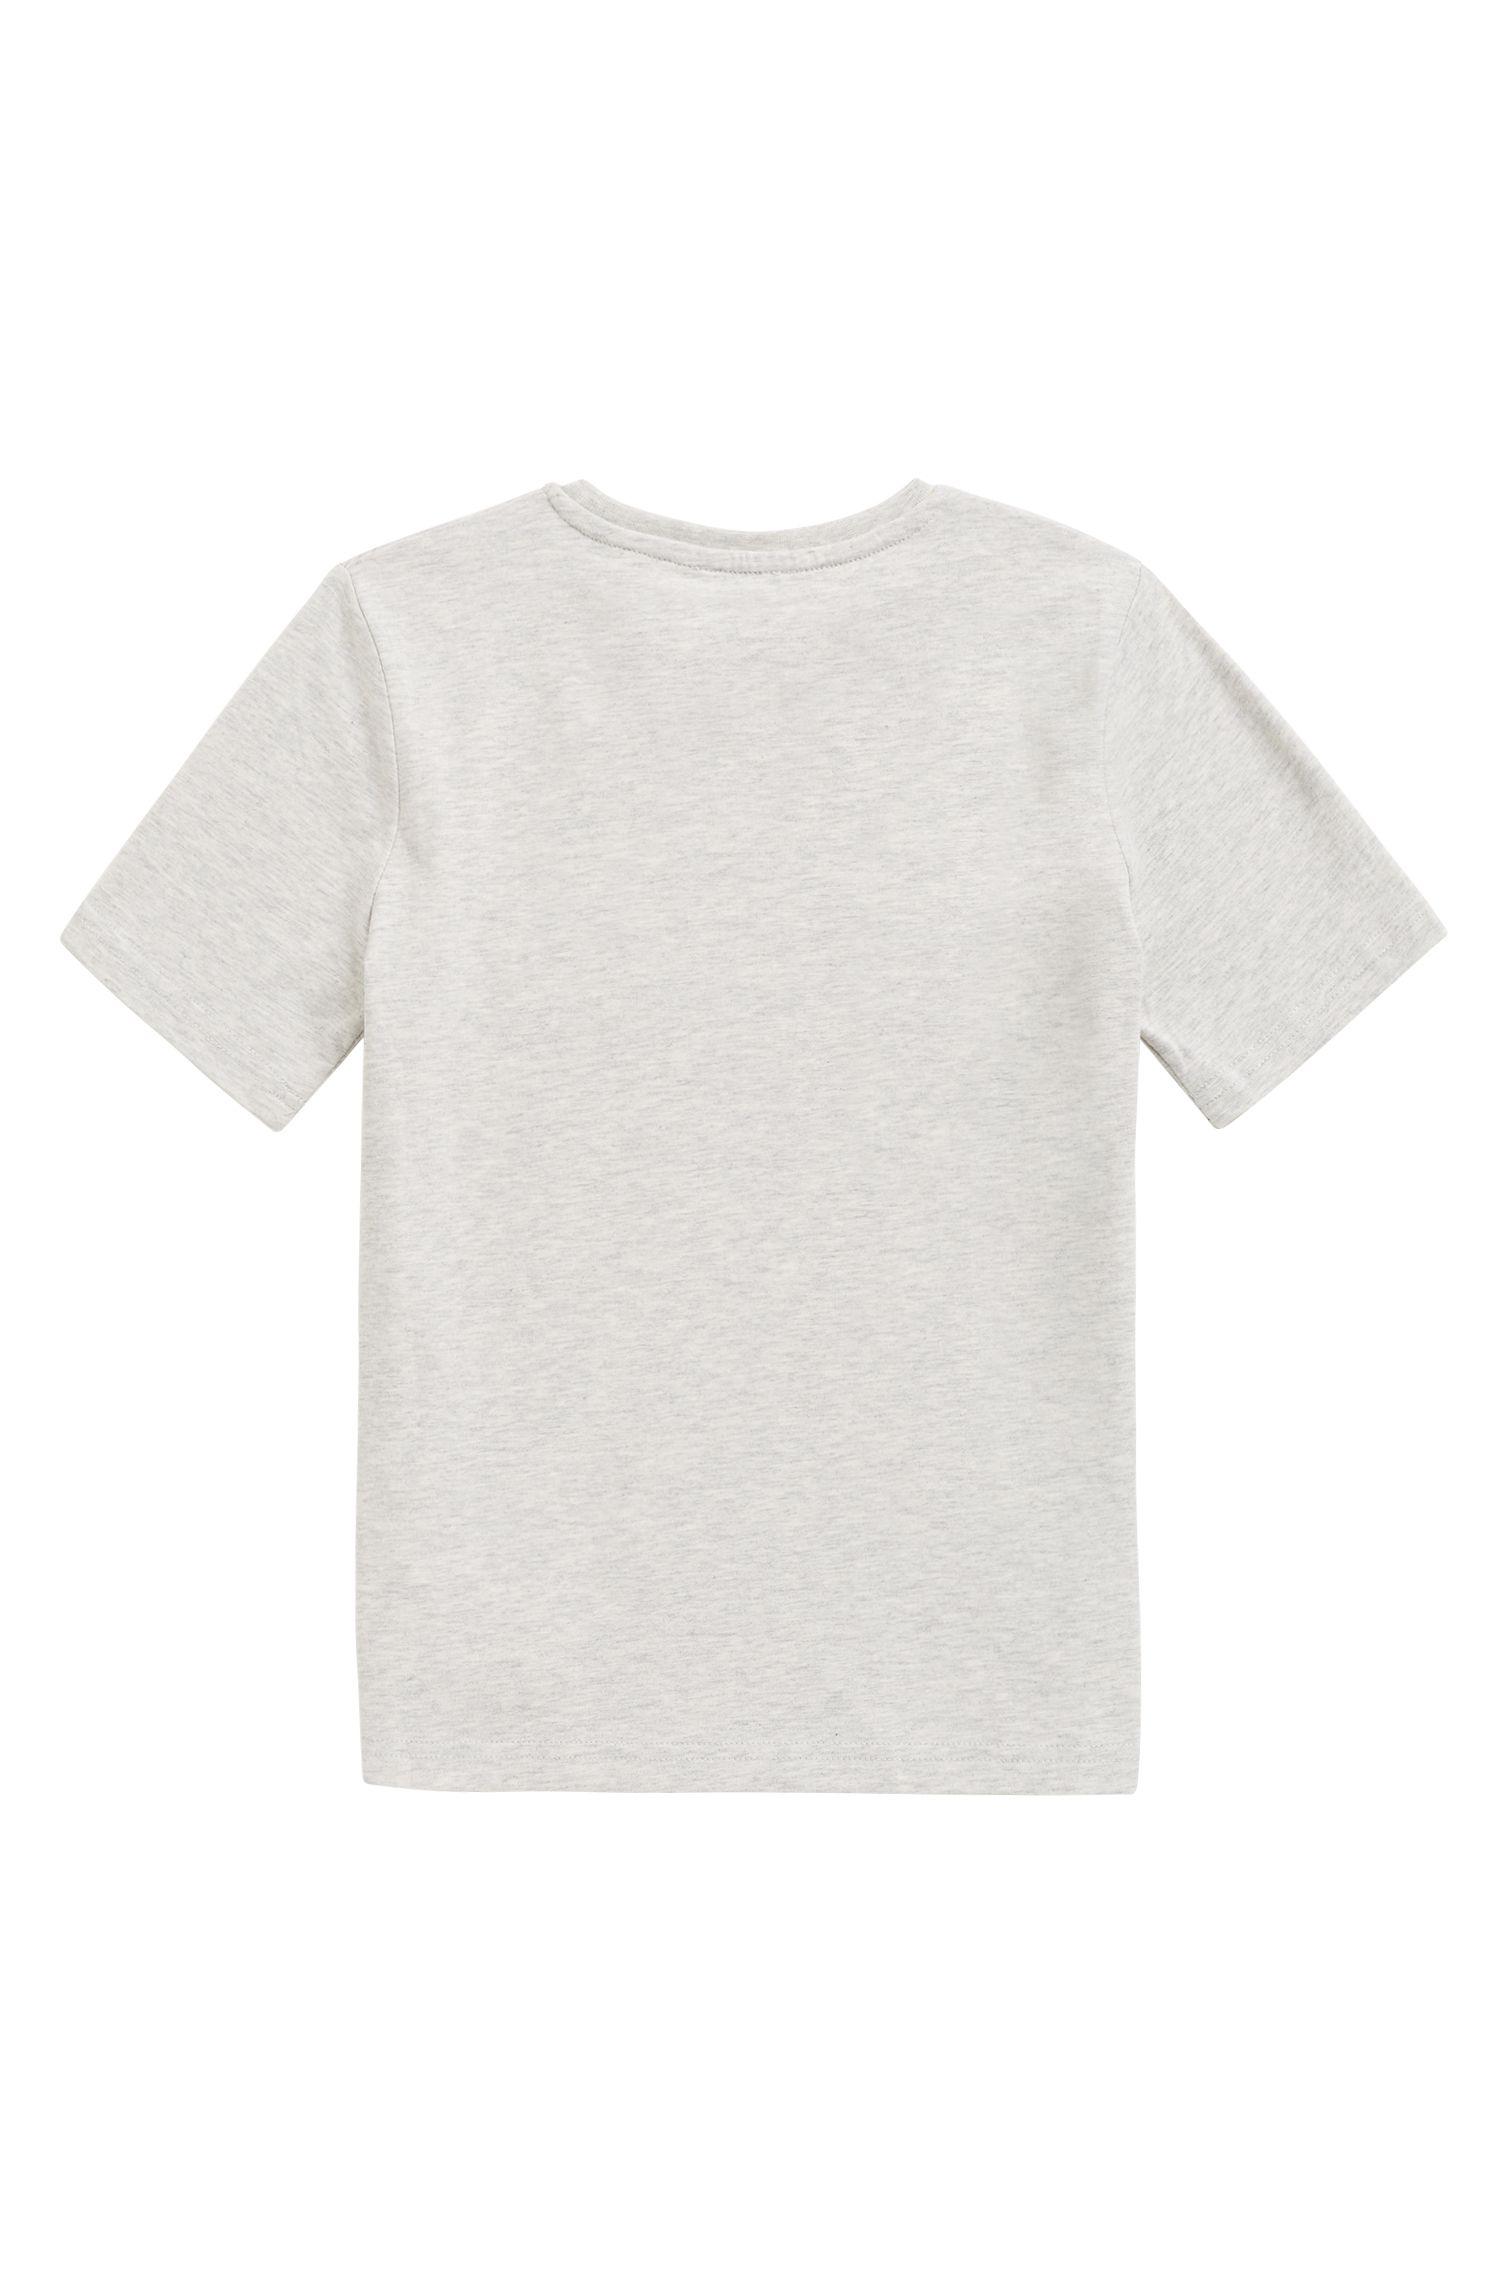 Katoenen kinder-T-shirt met raceprint als speciale uitgave, Lichtgrijs